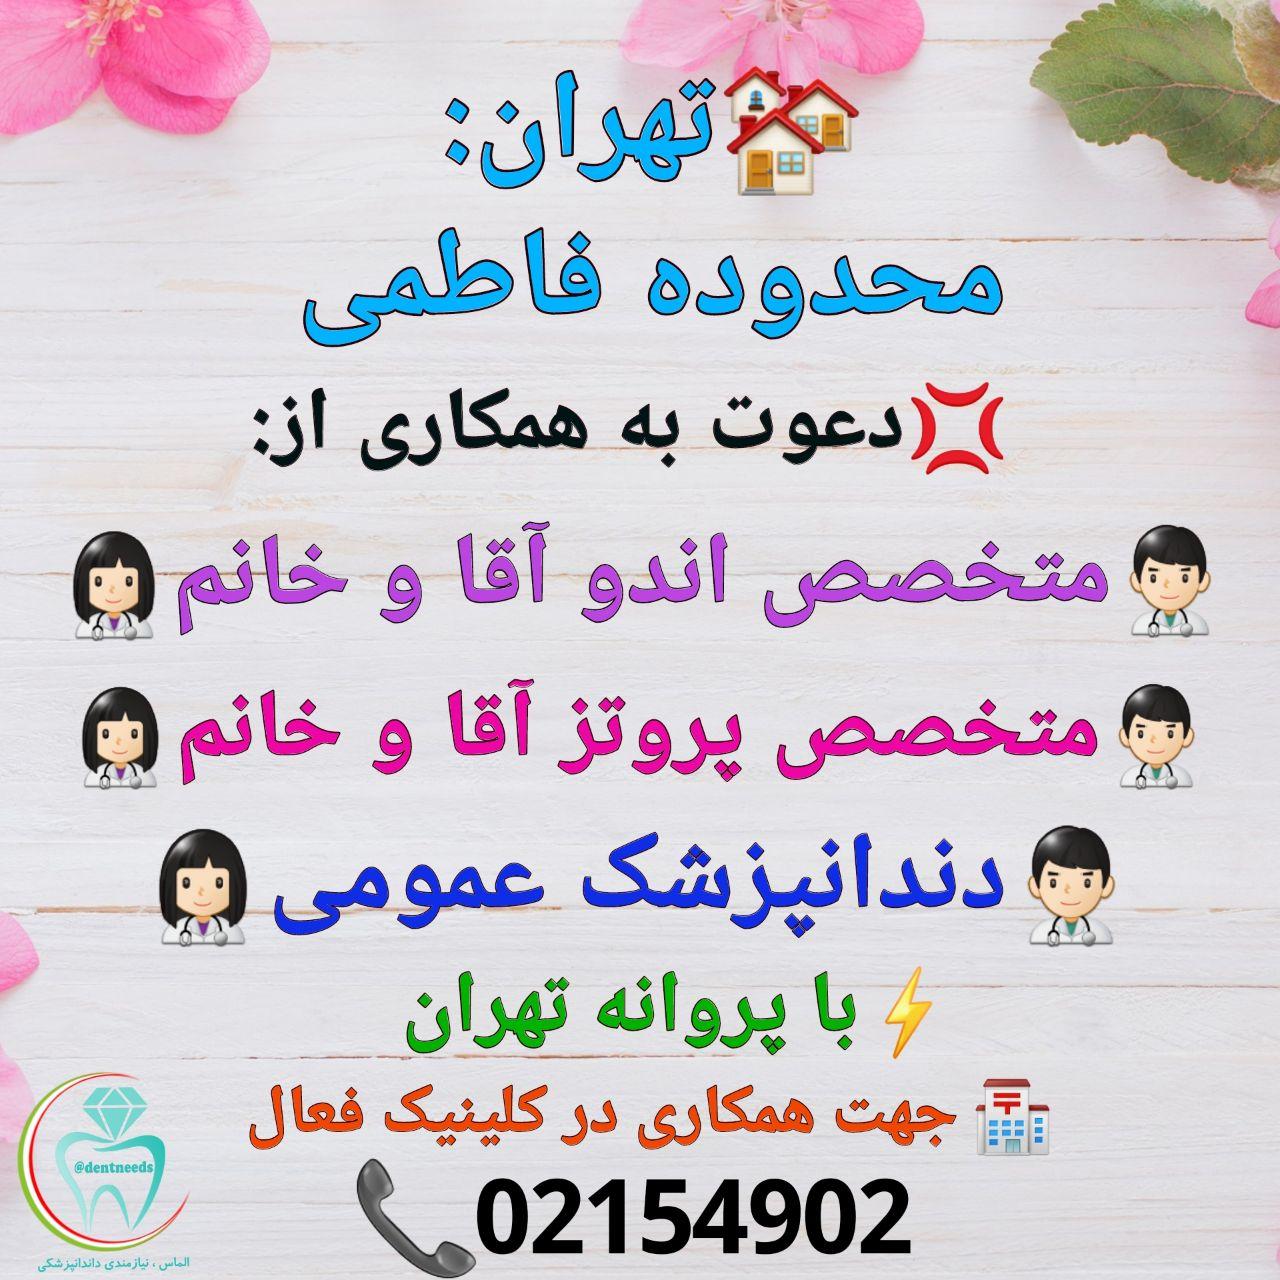 تهران: محدوده فاطمی، متخصص اندو آقا و خانم، متخصص پروتز آقا و خانم، دندانپزشک عمومی